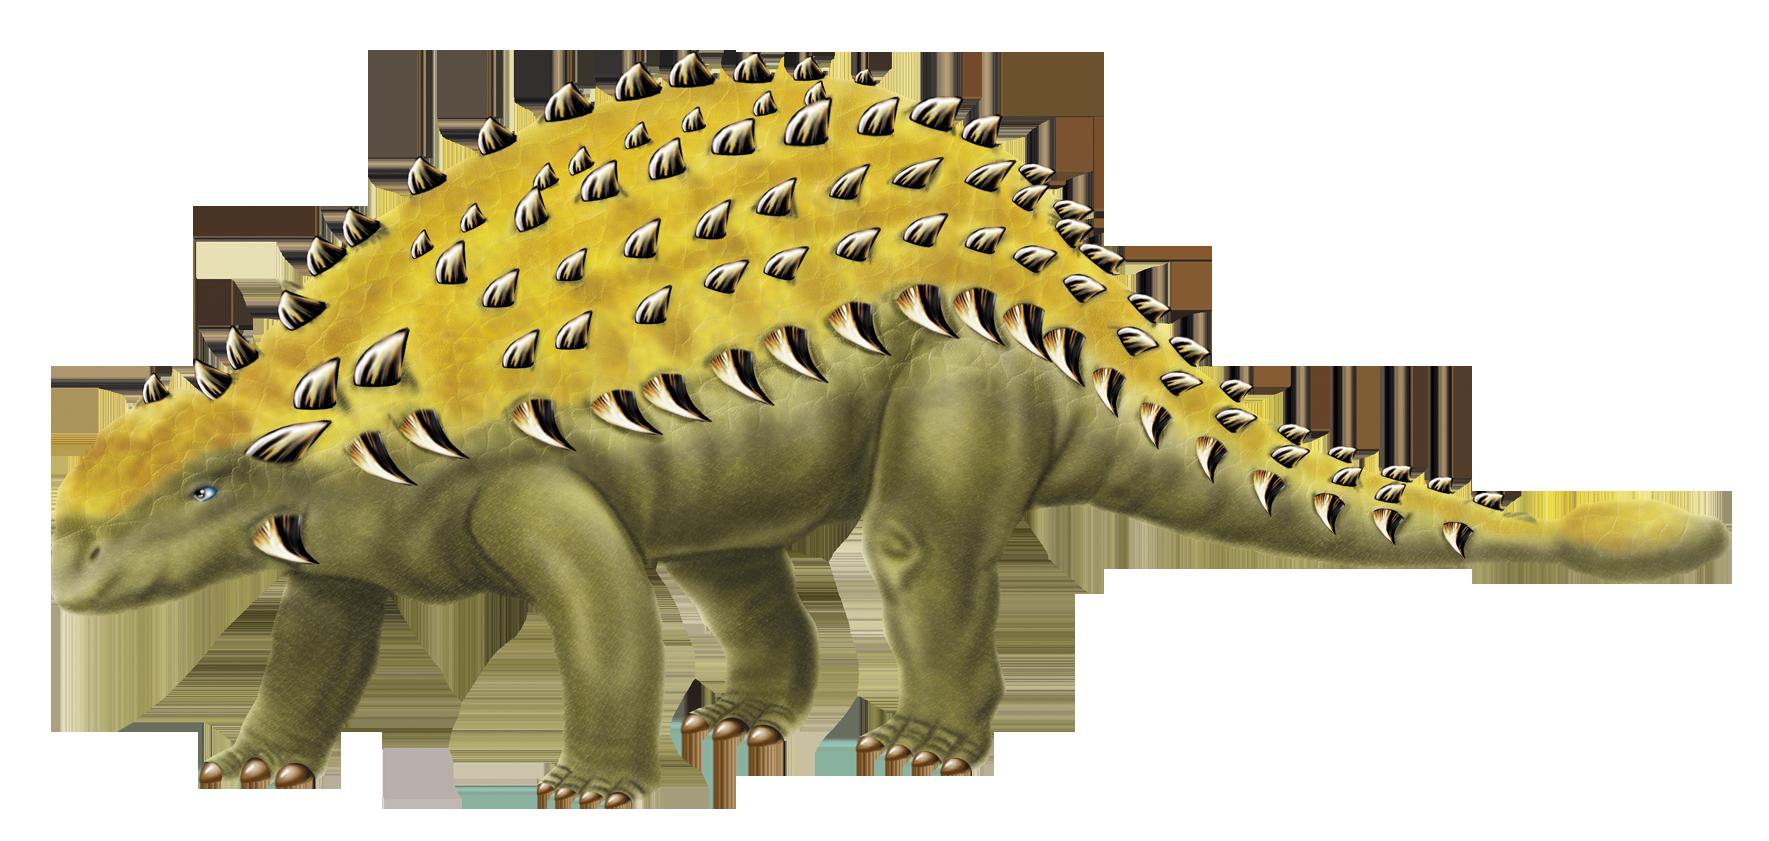 праздником звуки динозавров с картинками иногда цветопередача освещенность